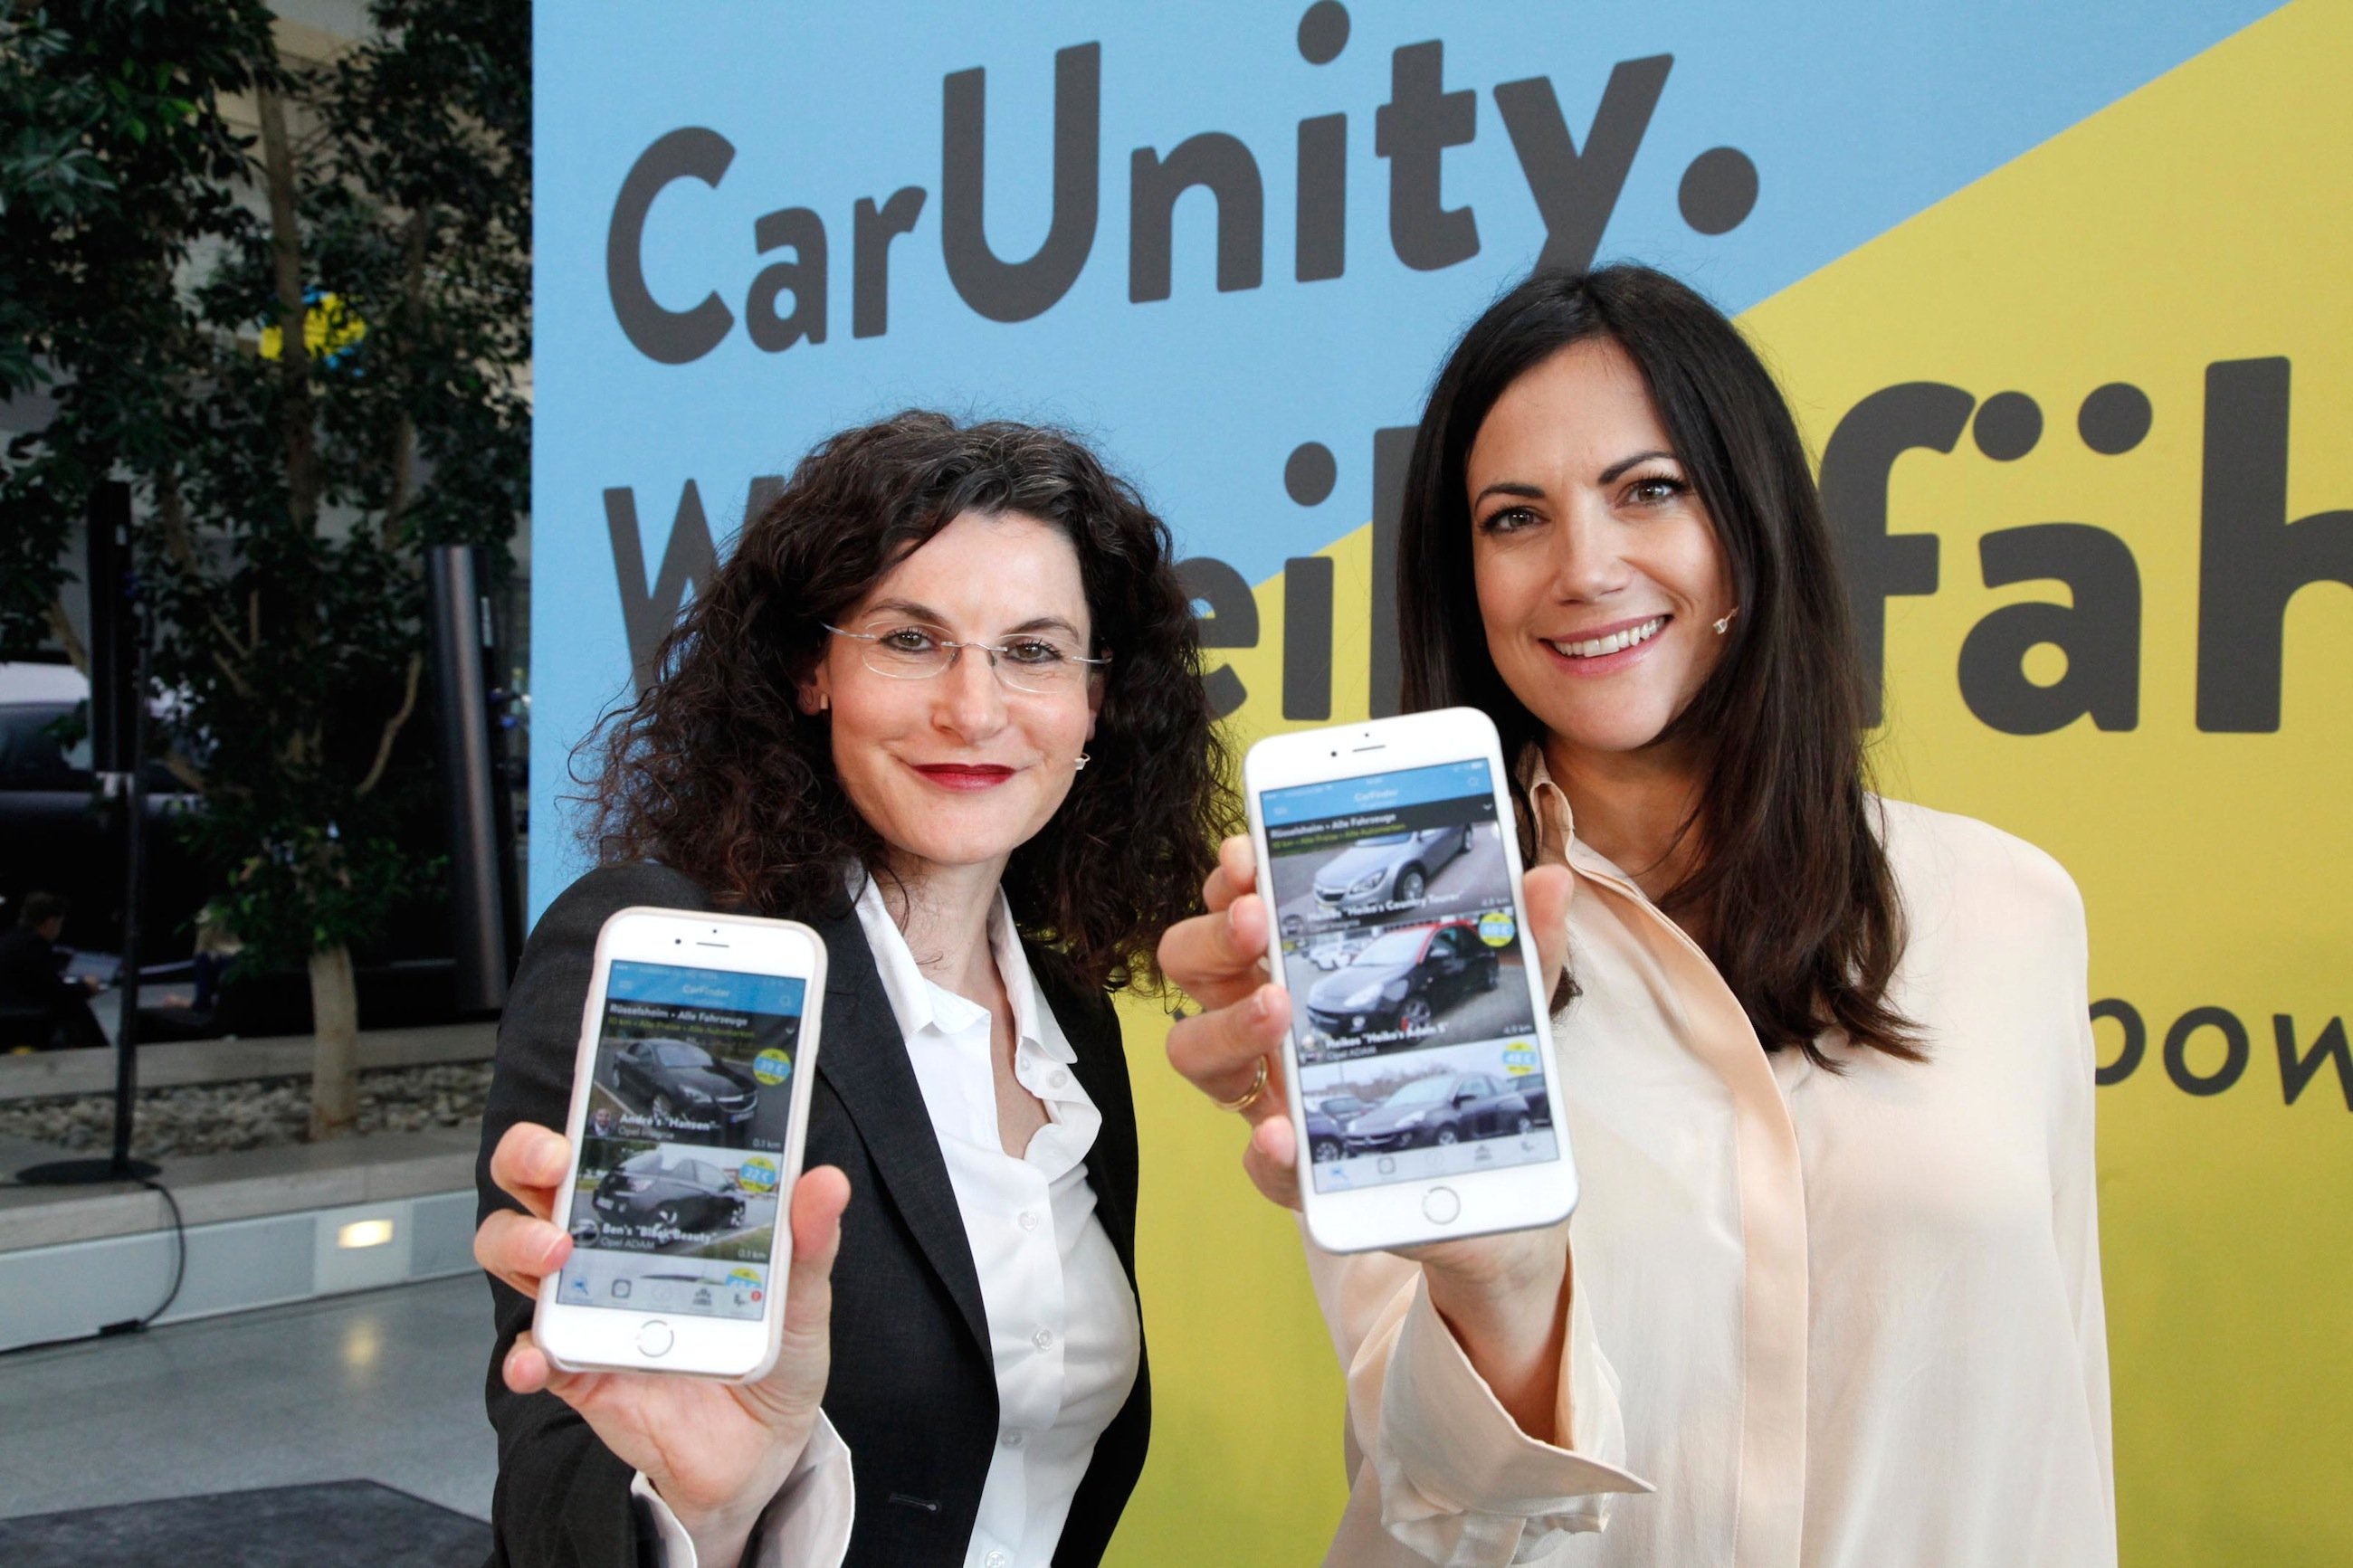 Wer die Opel-App CarUnity geladen hat, kann nicht nur Opel-Fahrzeuge ausleihen, sondern auch auf Fahrzeuge anderer Automarken zurückgreifen. Auch Oldtimer wie den Opel Manta kann man sich über CarUnity ausleihen.